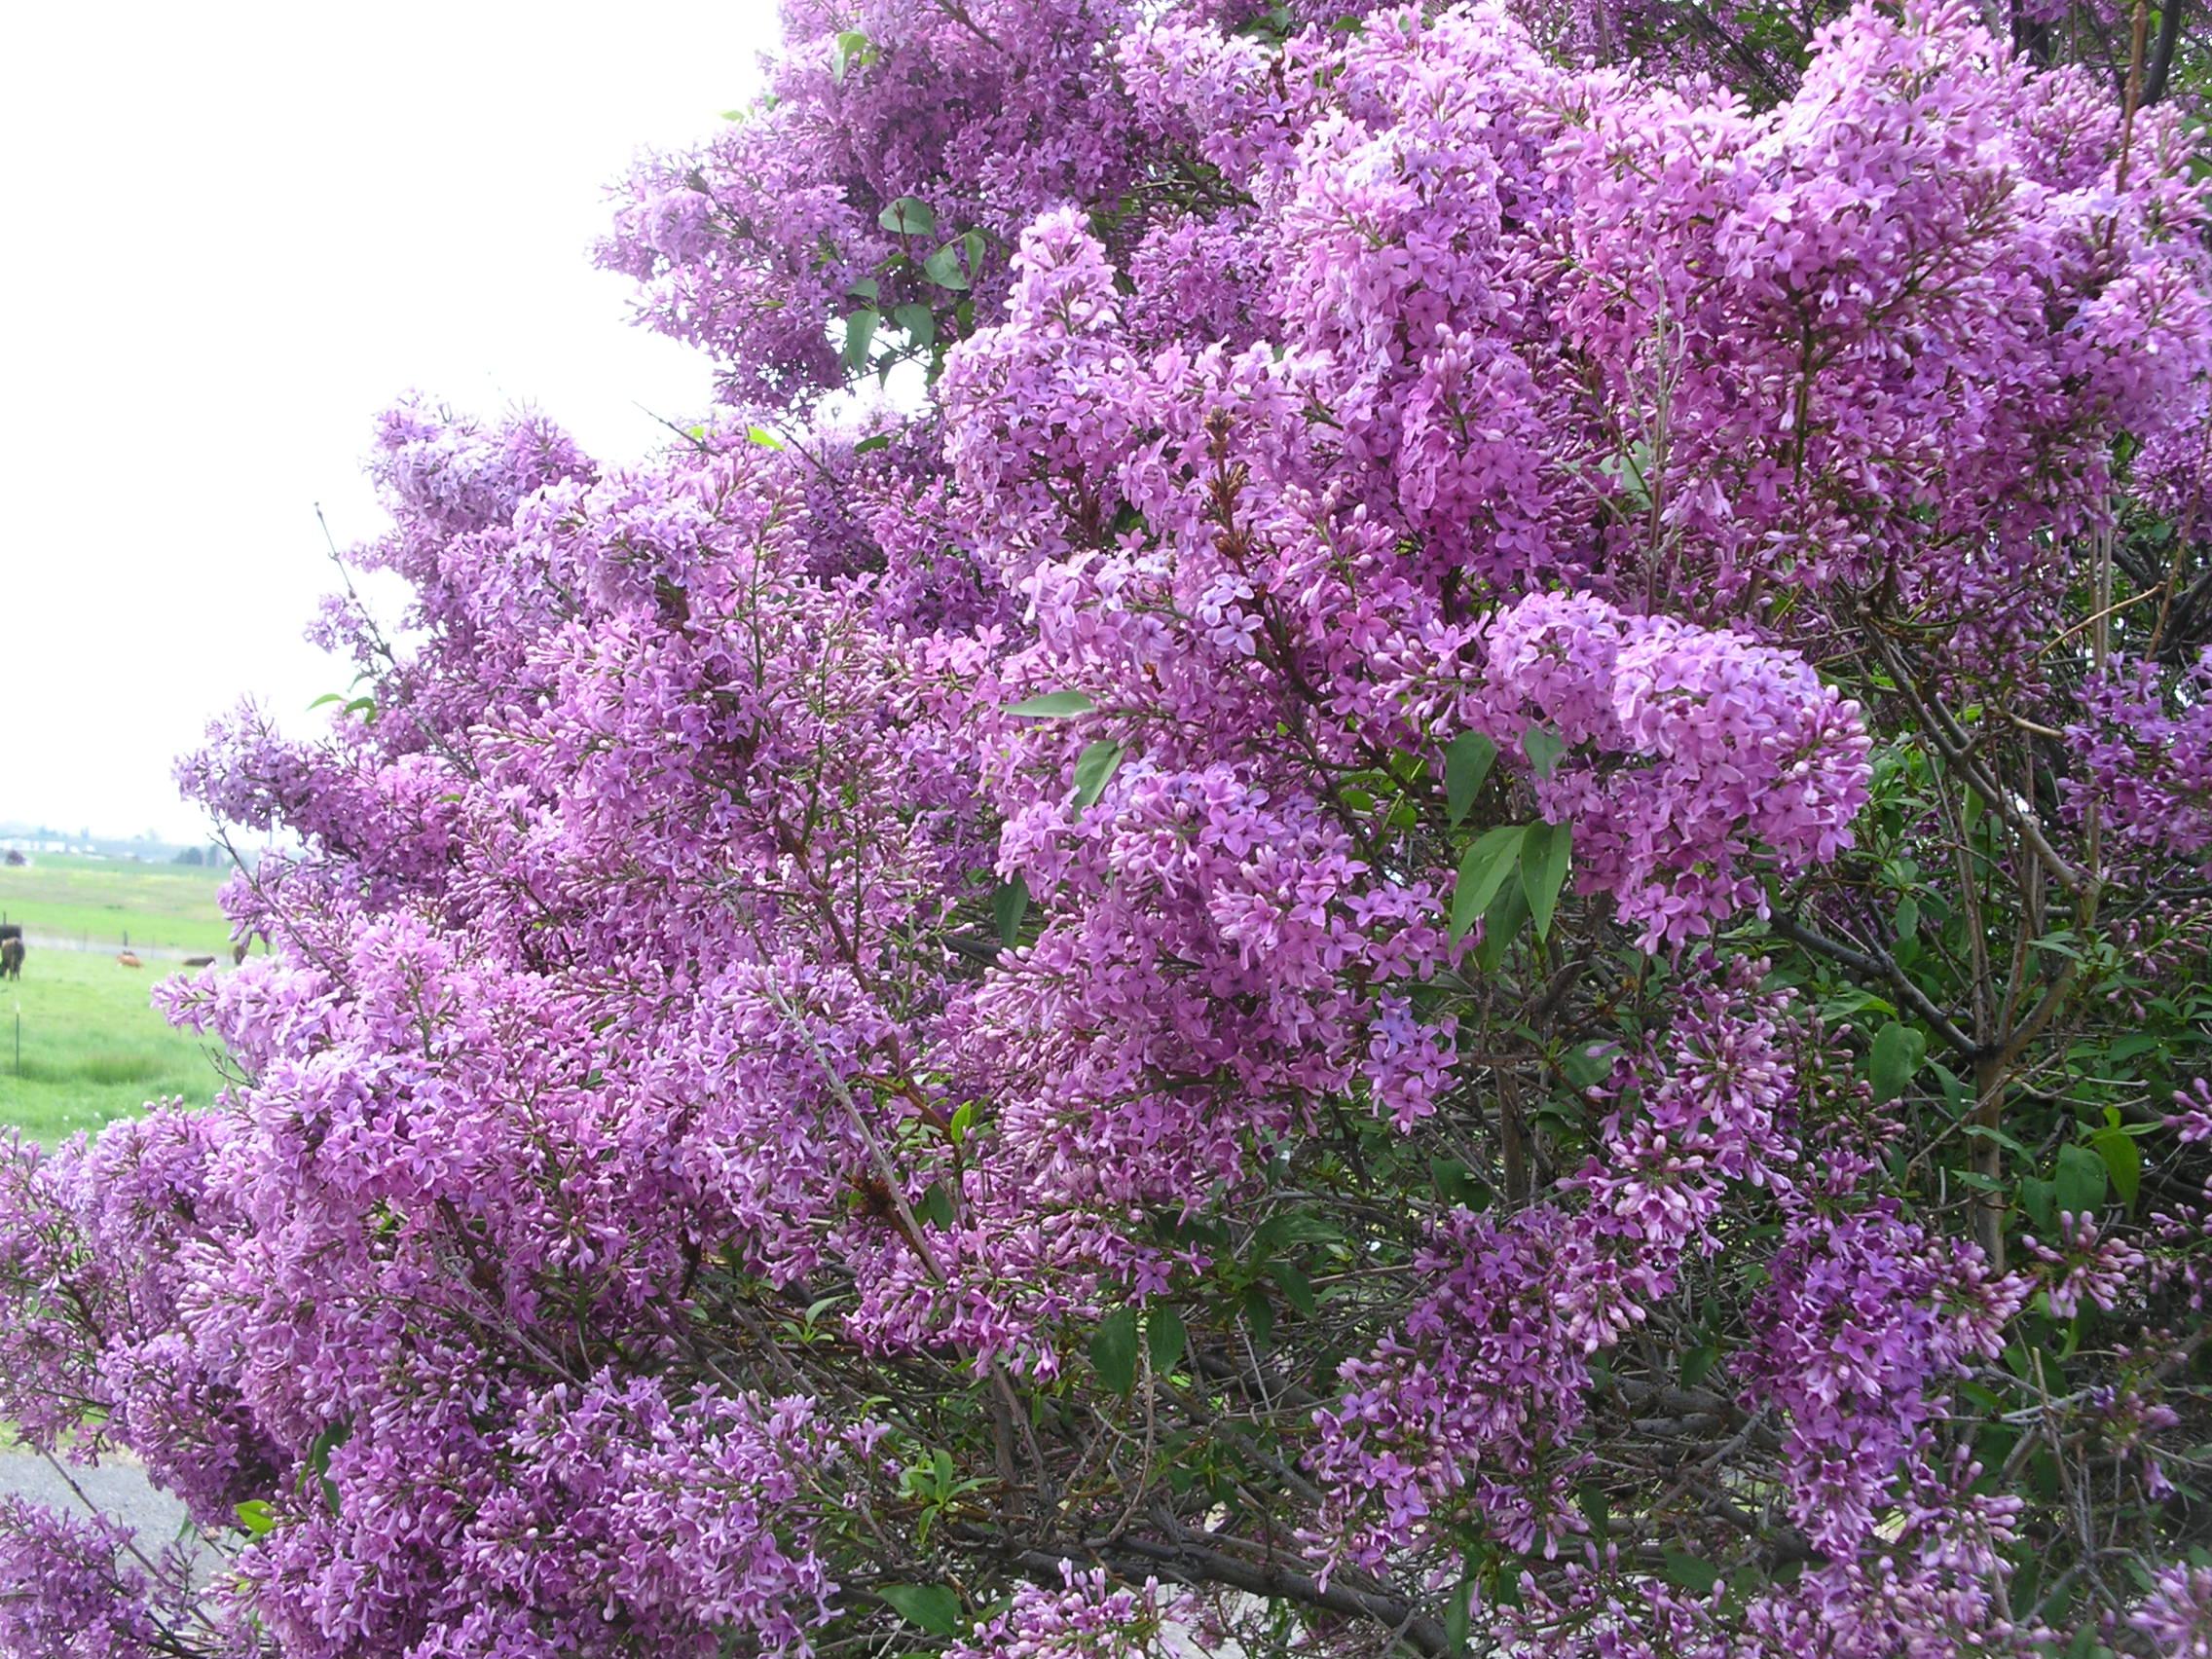 Lilacs In Bloom Wallpaper Wallpapersafari